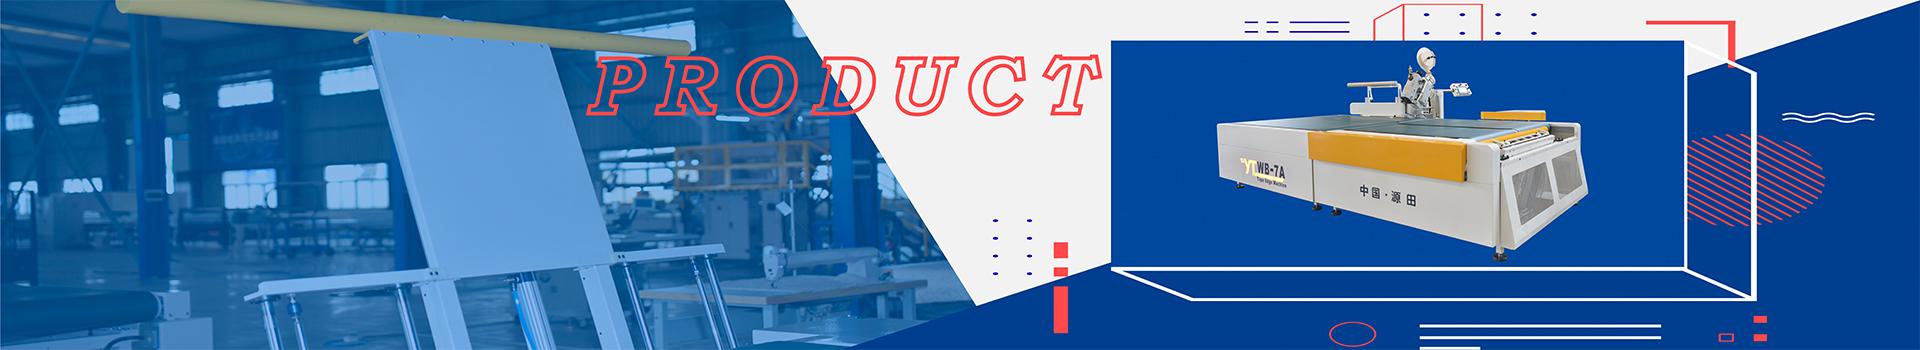 Mattress Production Machinery